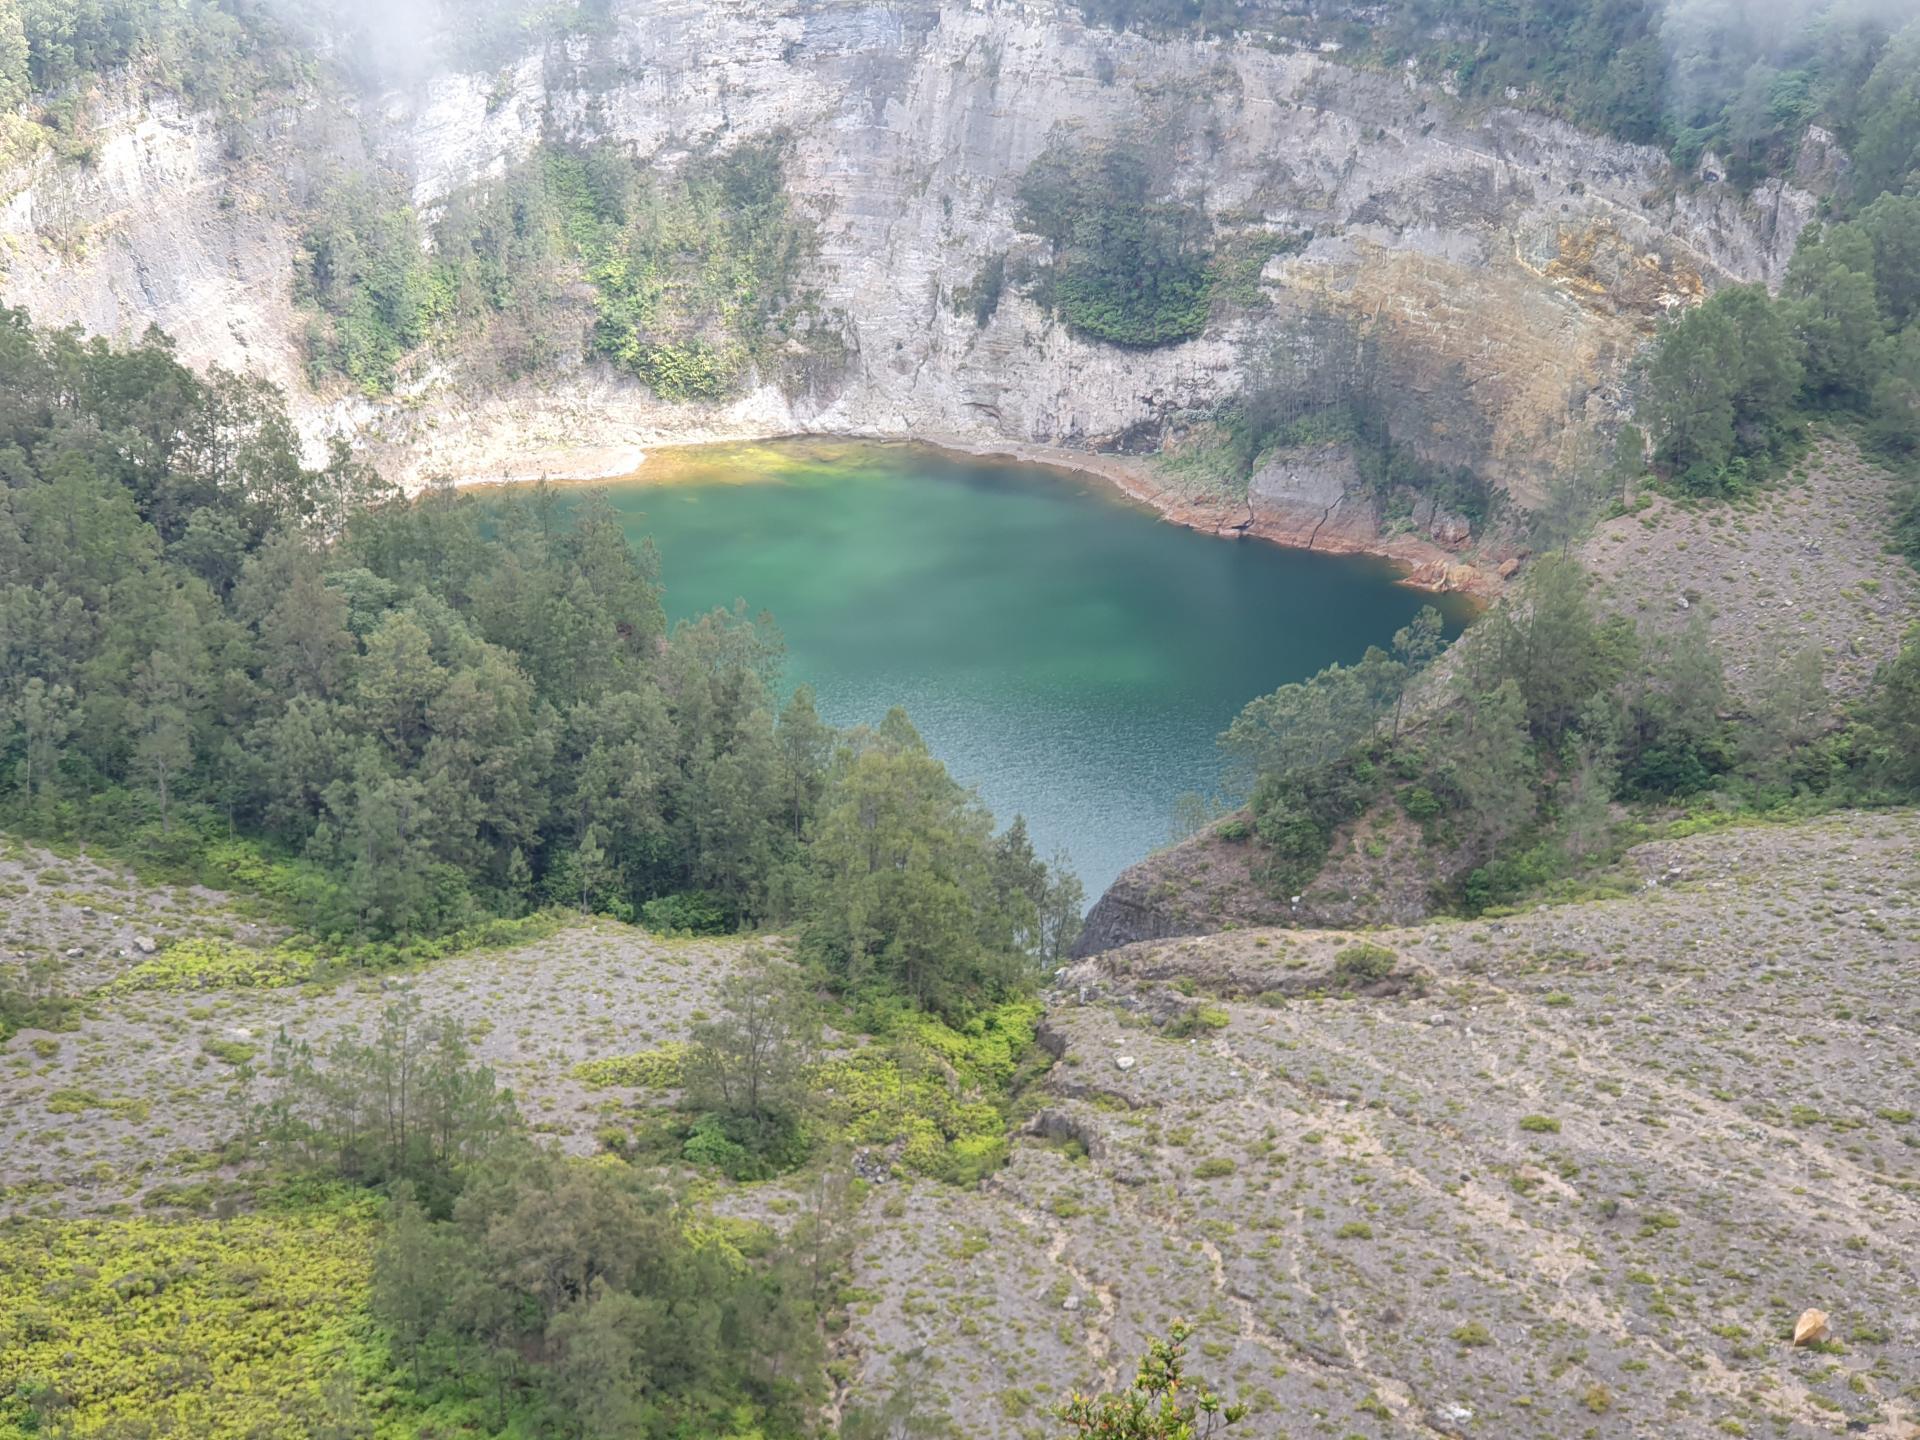 озеро пожилых людей, Келимуту